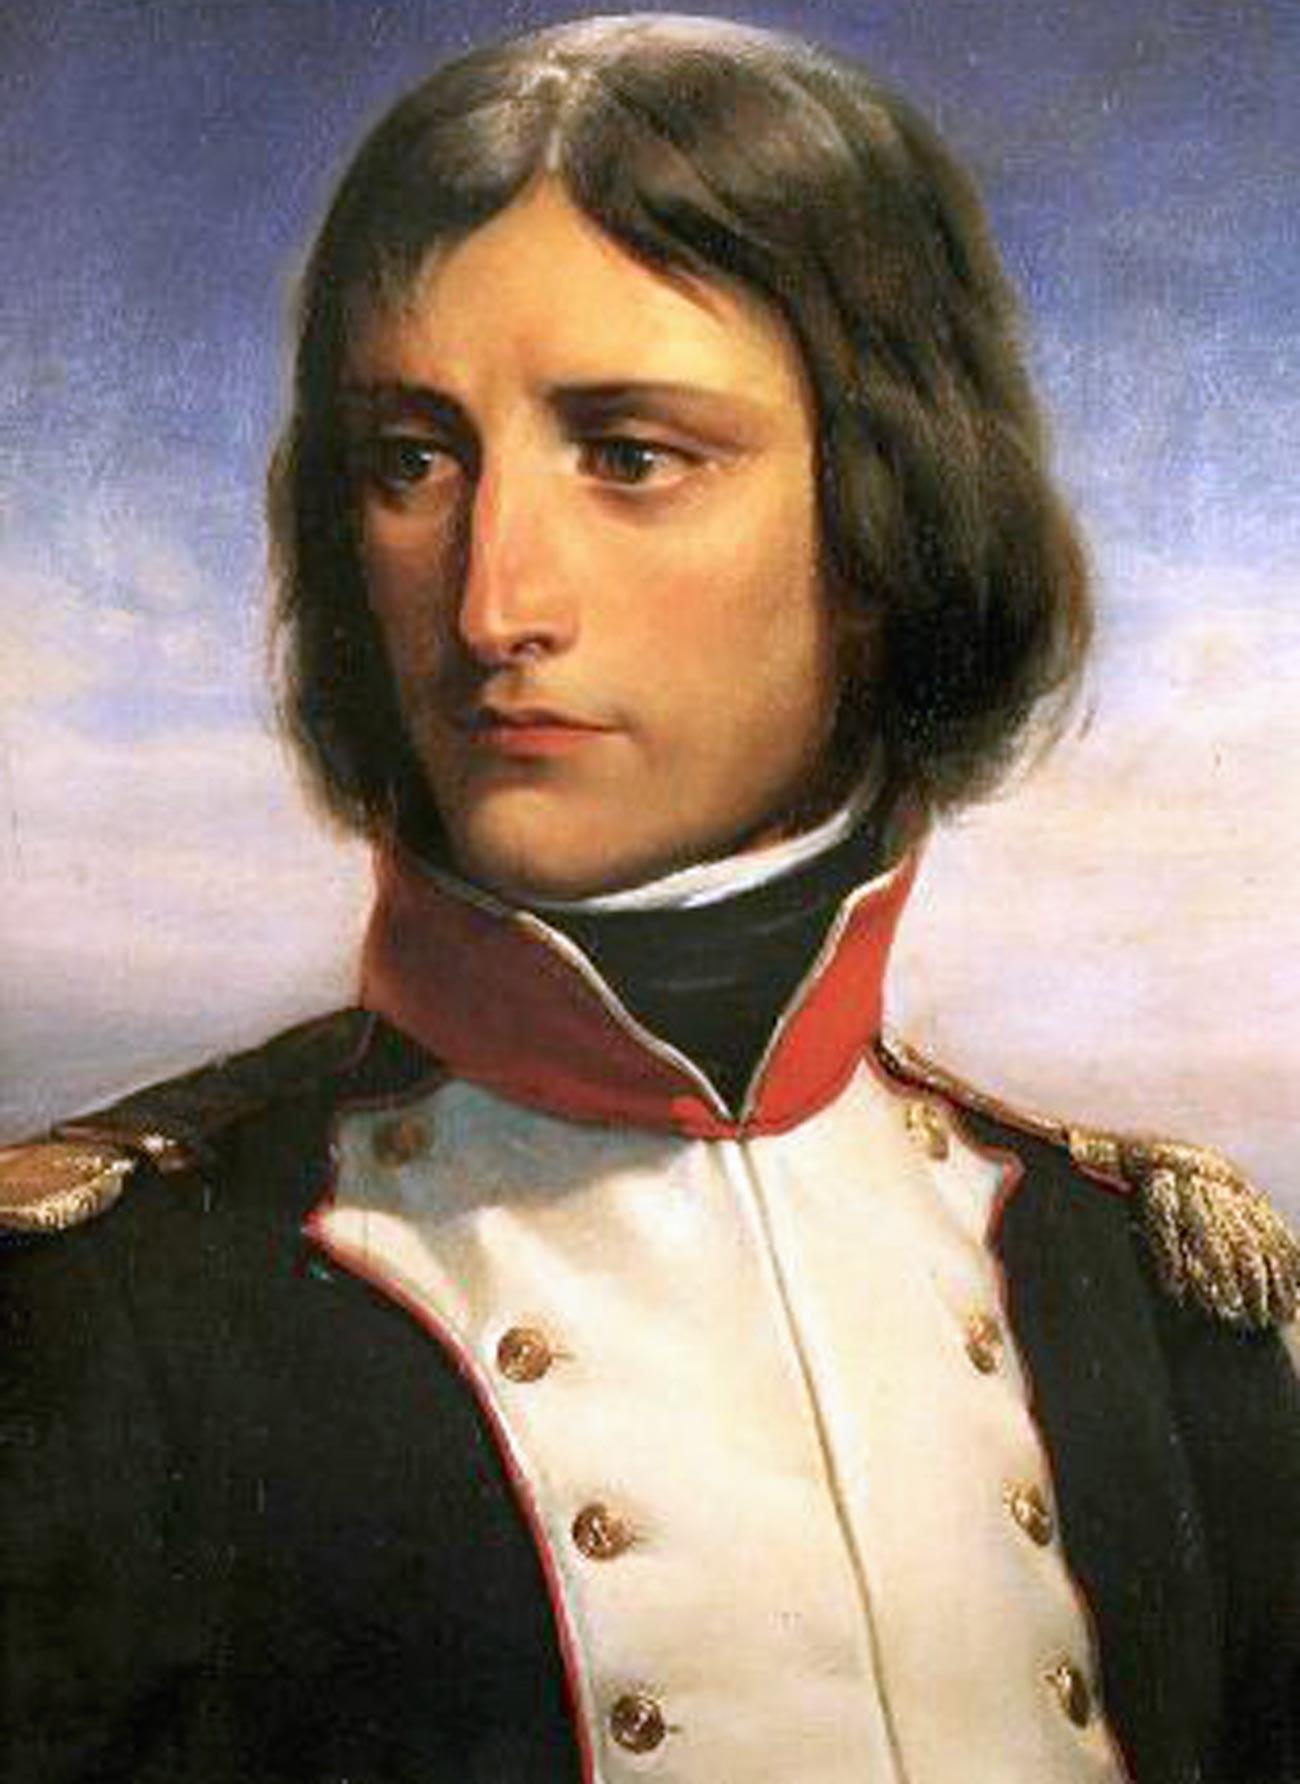 Napoléon Bonaparte en 1792, Lieutenant-Colonel du 1er bataillon des Gardes nationaux corses